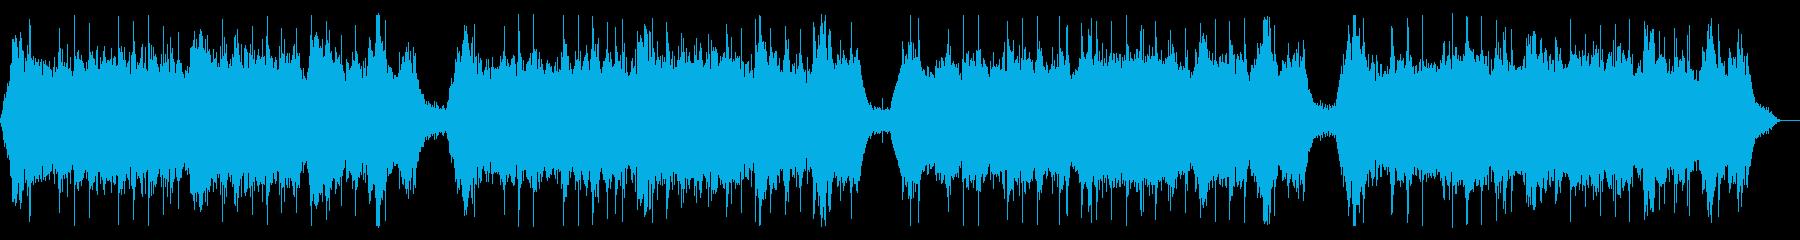 ヒーリング ソルフェジオ周波数の癒しの再生済みの波形